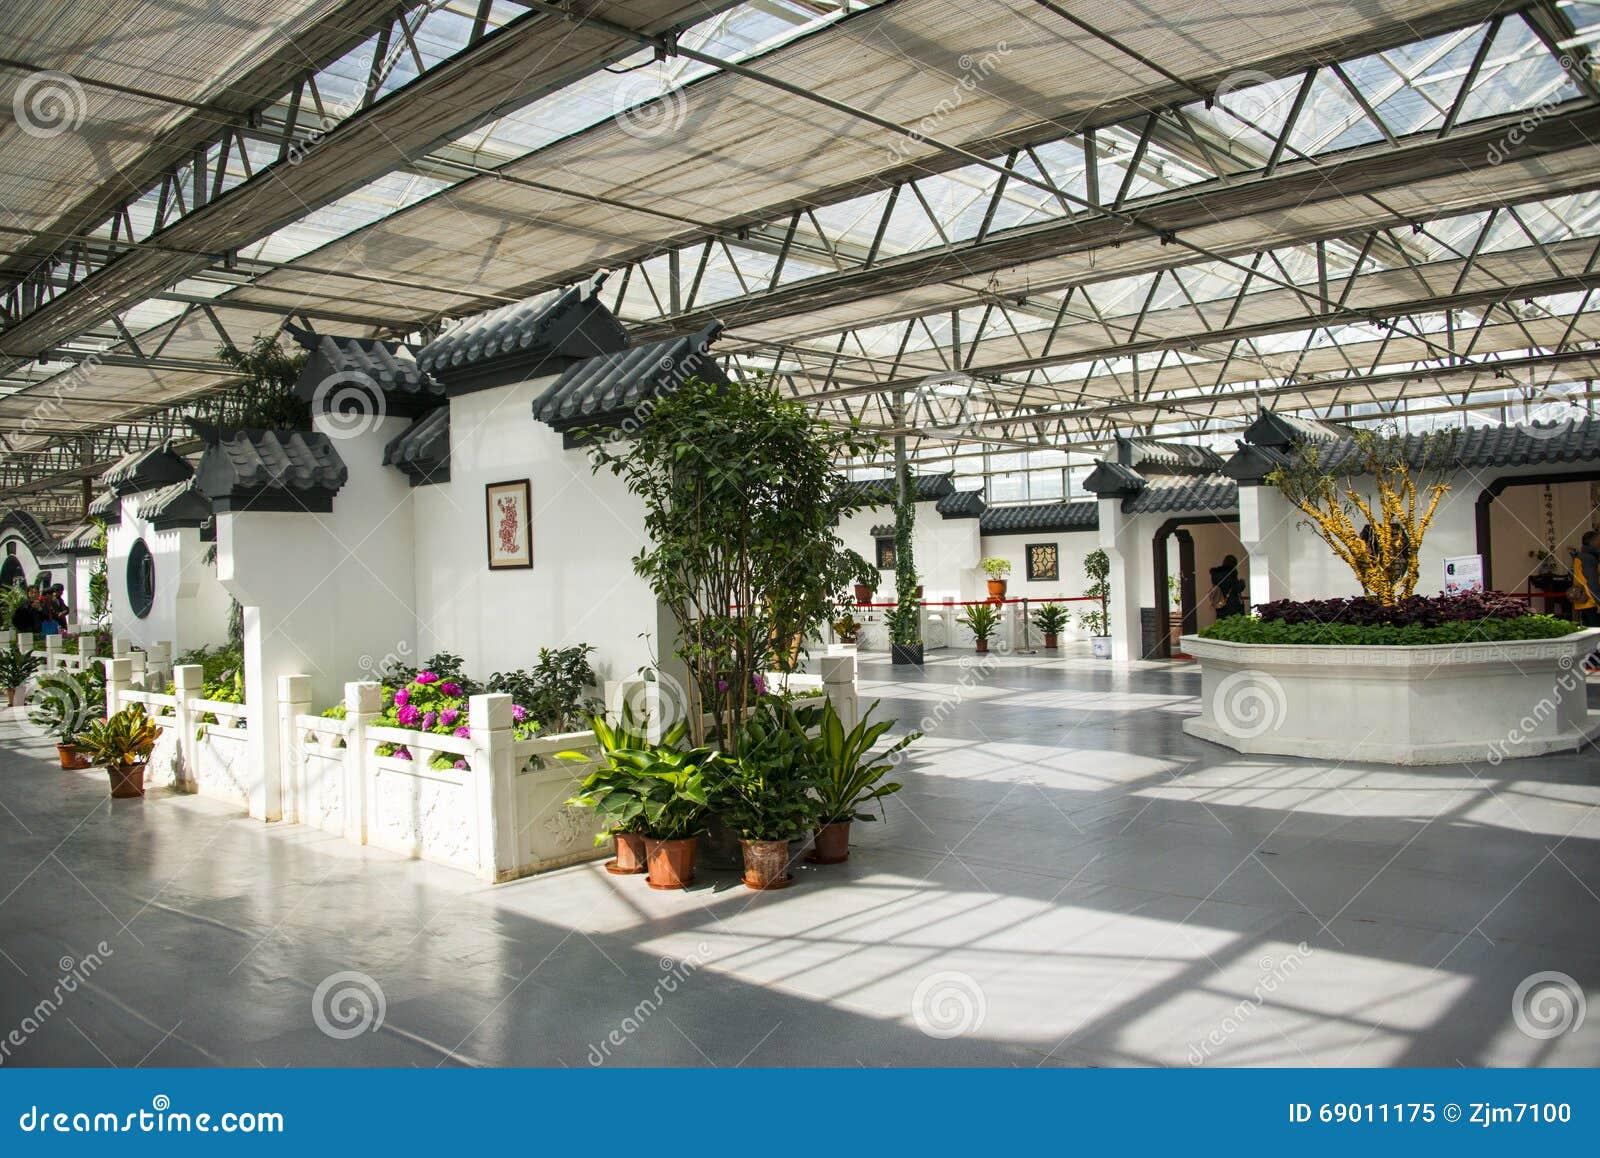 Modern Architecture Exhibition